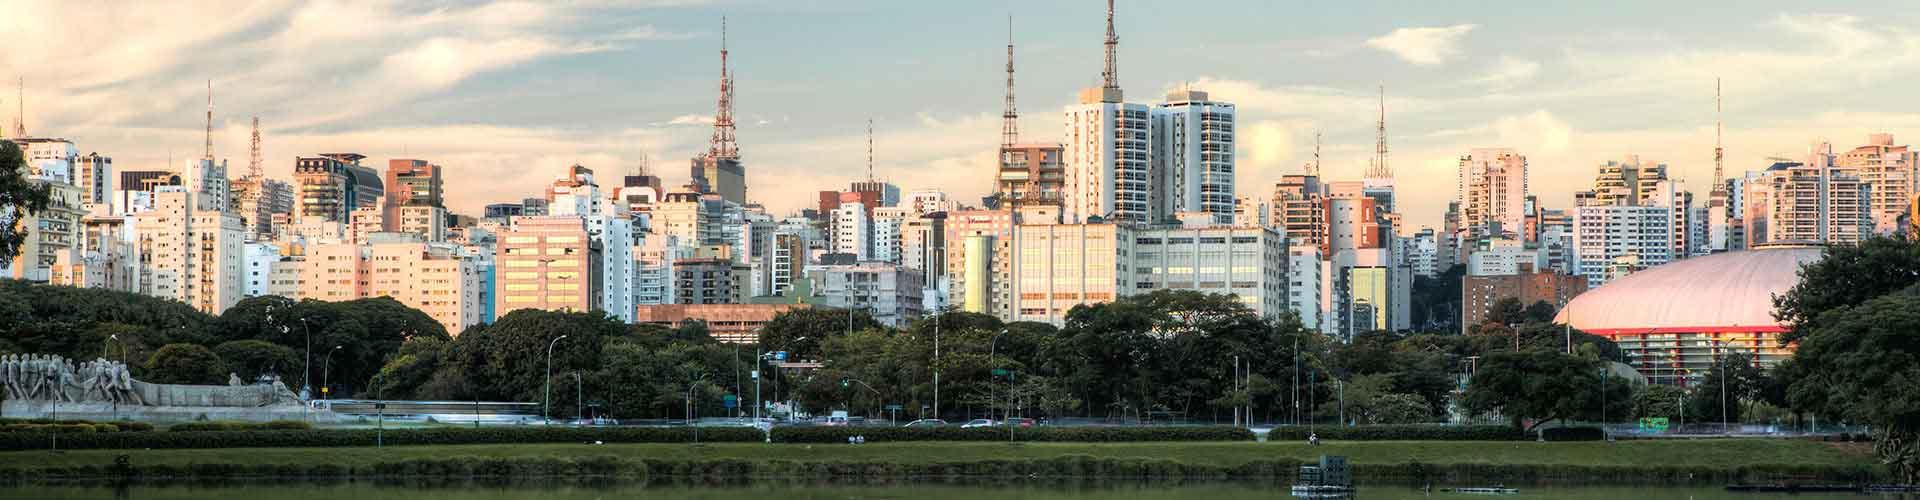 Sao Paulo – Hostellit lähellä maamerkkiä Congonhas-São Paulo lentokenttä. Sao Paulo -karttoja, valokuvia ja arvosteluja kaikista Sao Paulo -hostelleista.